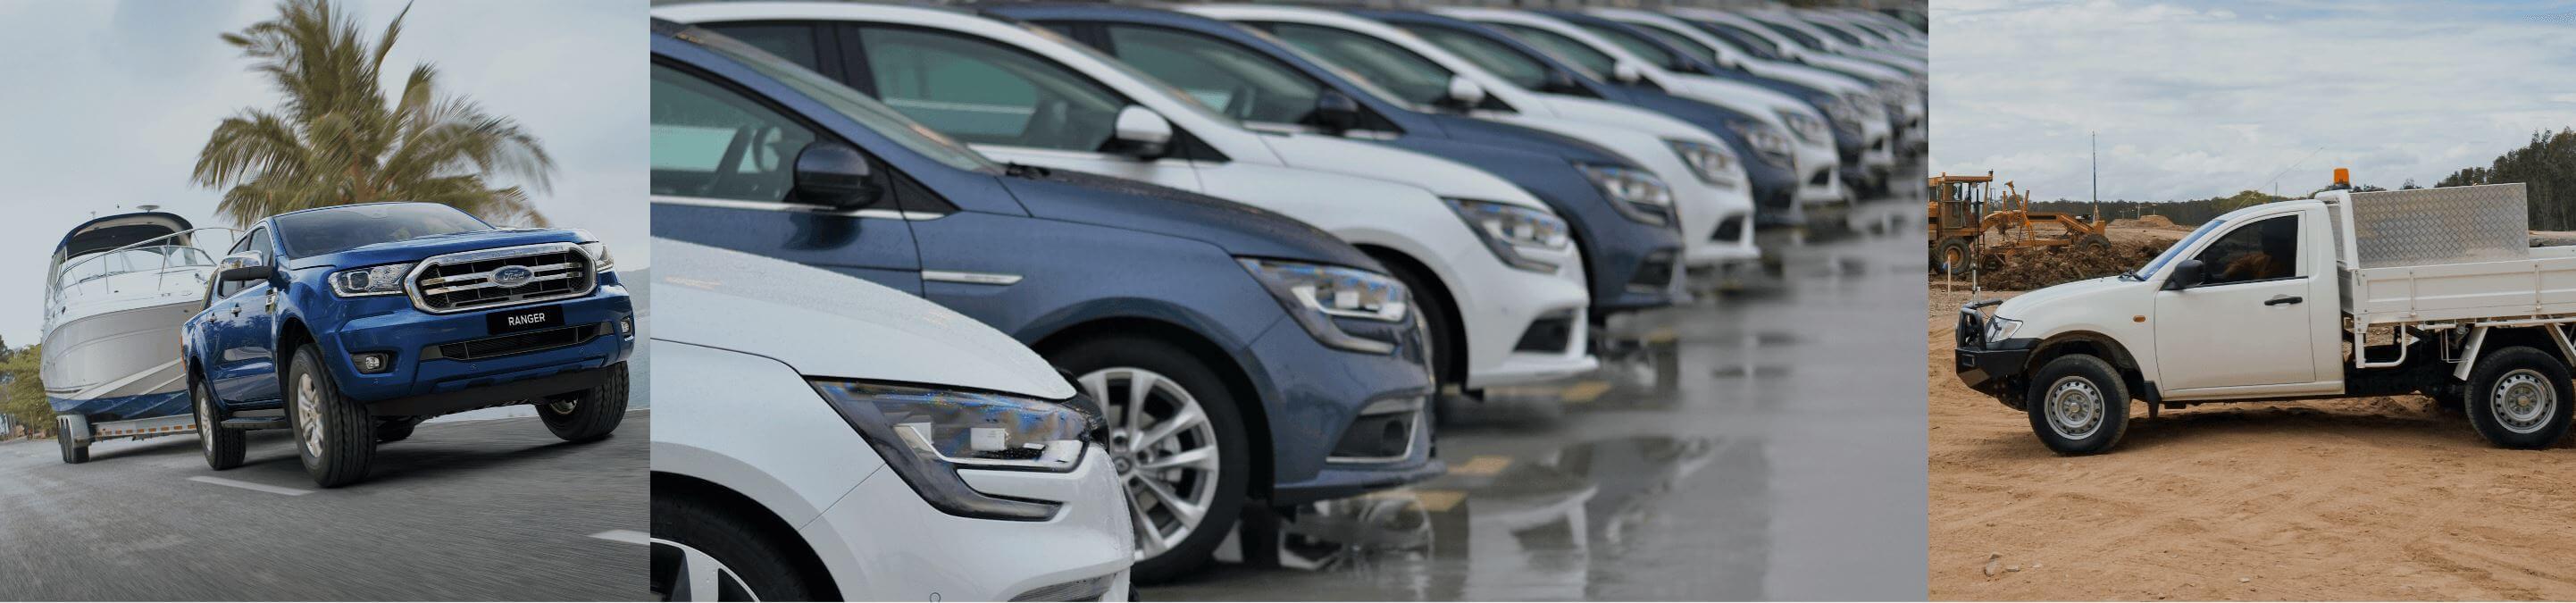 Car & Fleet Finance